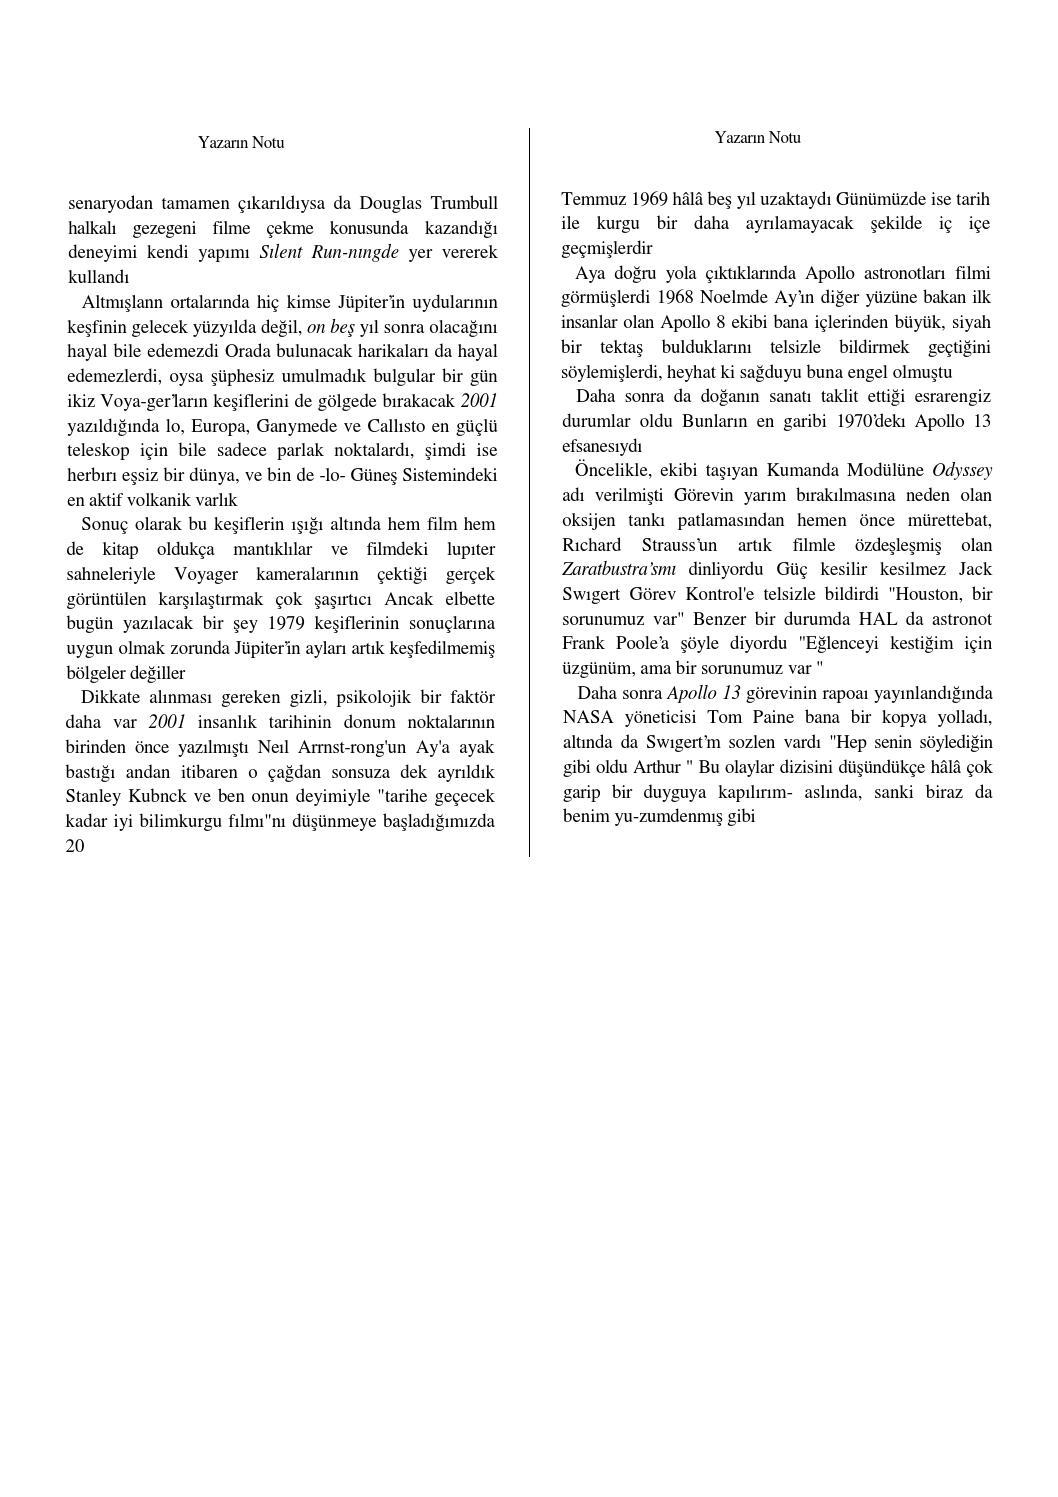 Tatyana Yegor Creed ve kısa bir biyografi 74